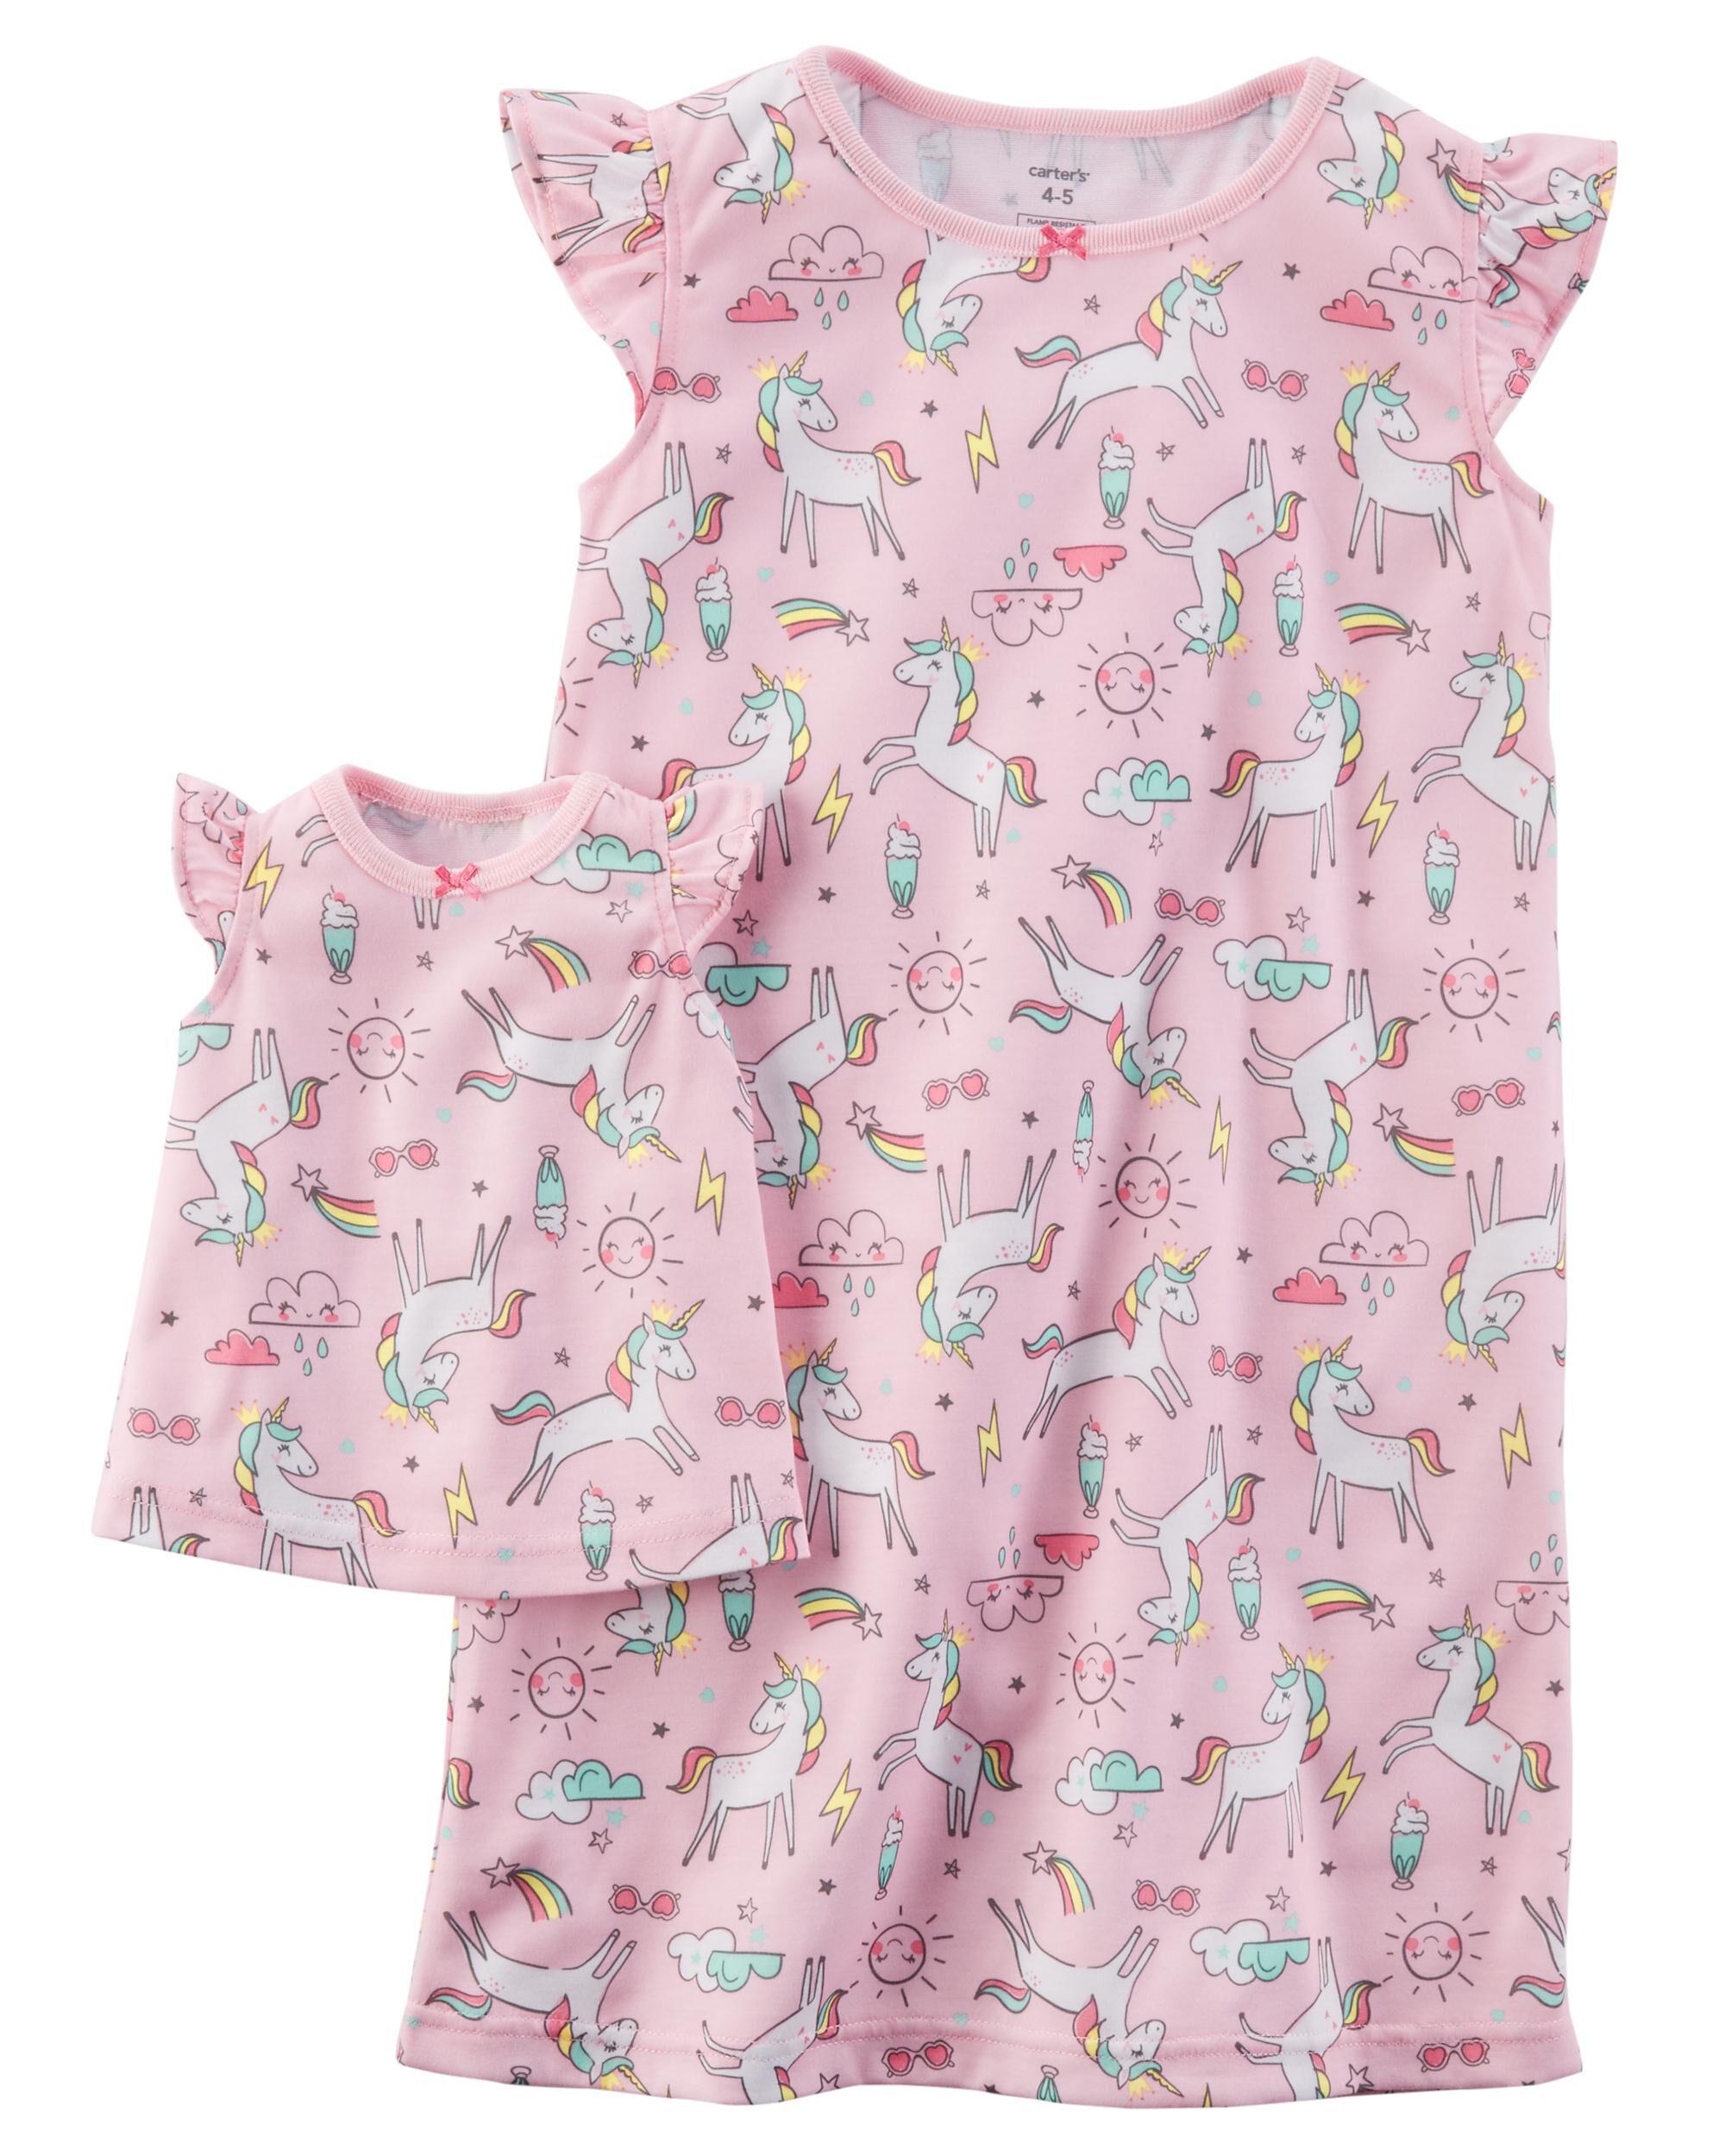 Jersey Gown u0026 Doll Dress Set. Loading zoom  sc 1 st  Carteru0027s & Jersey Gown u0026 Doll Dress Set | Carters.com